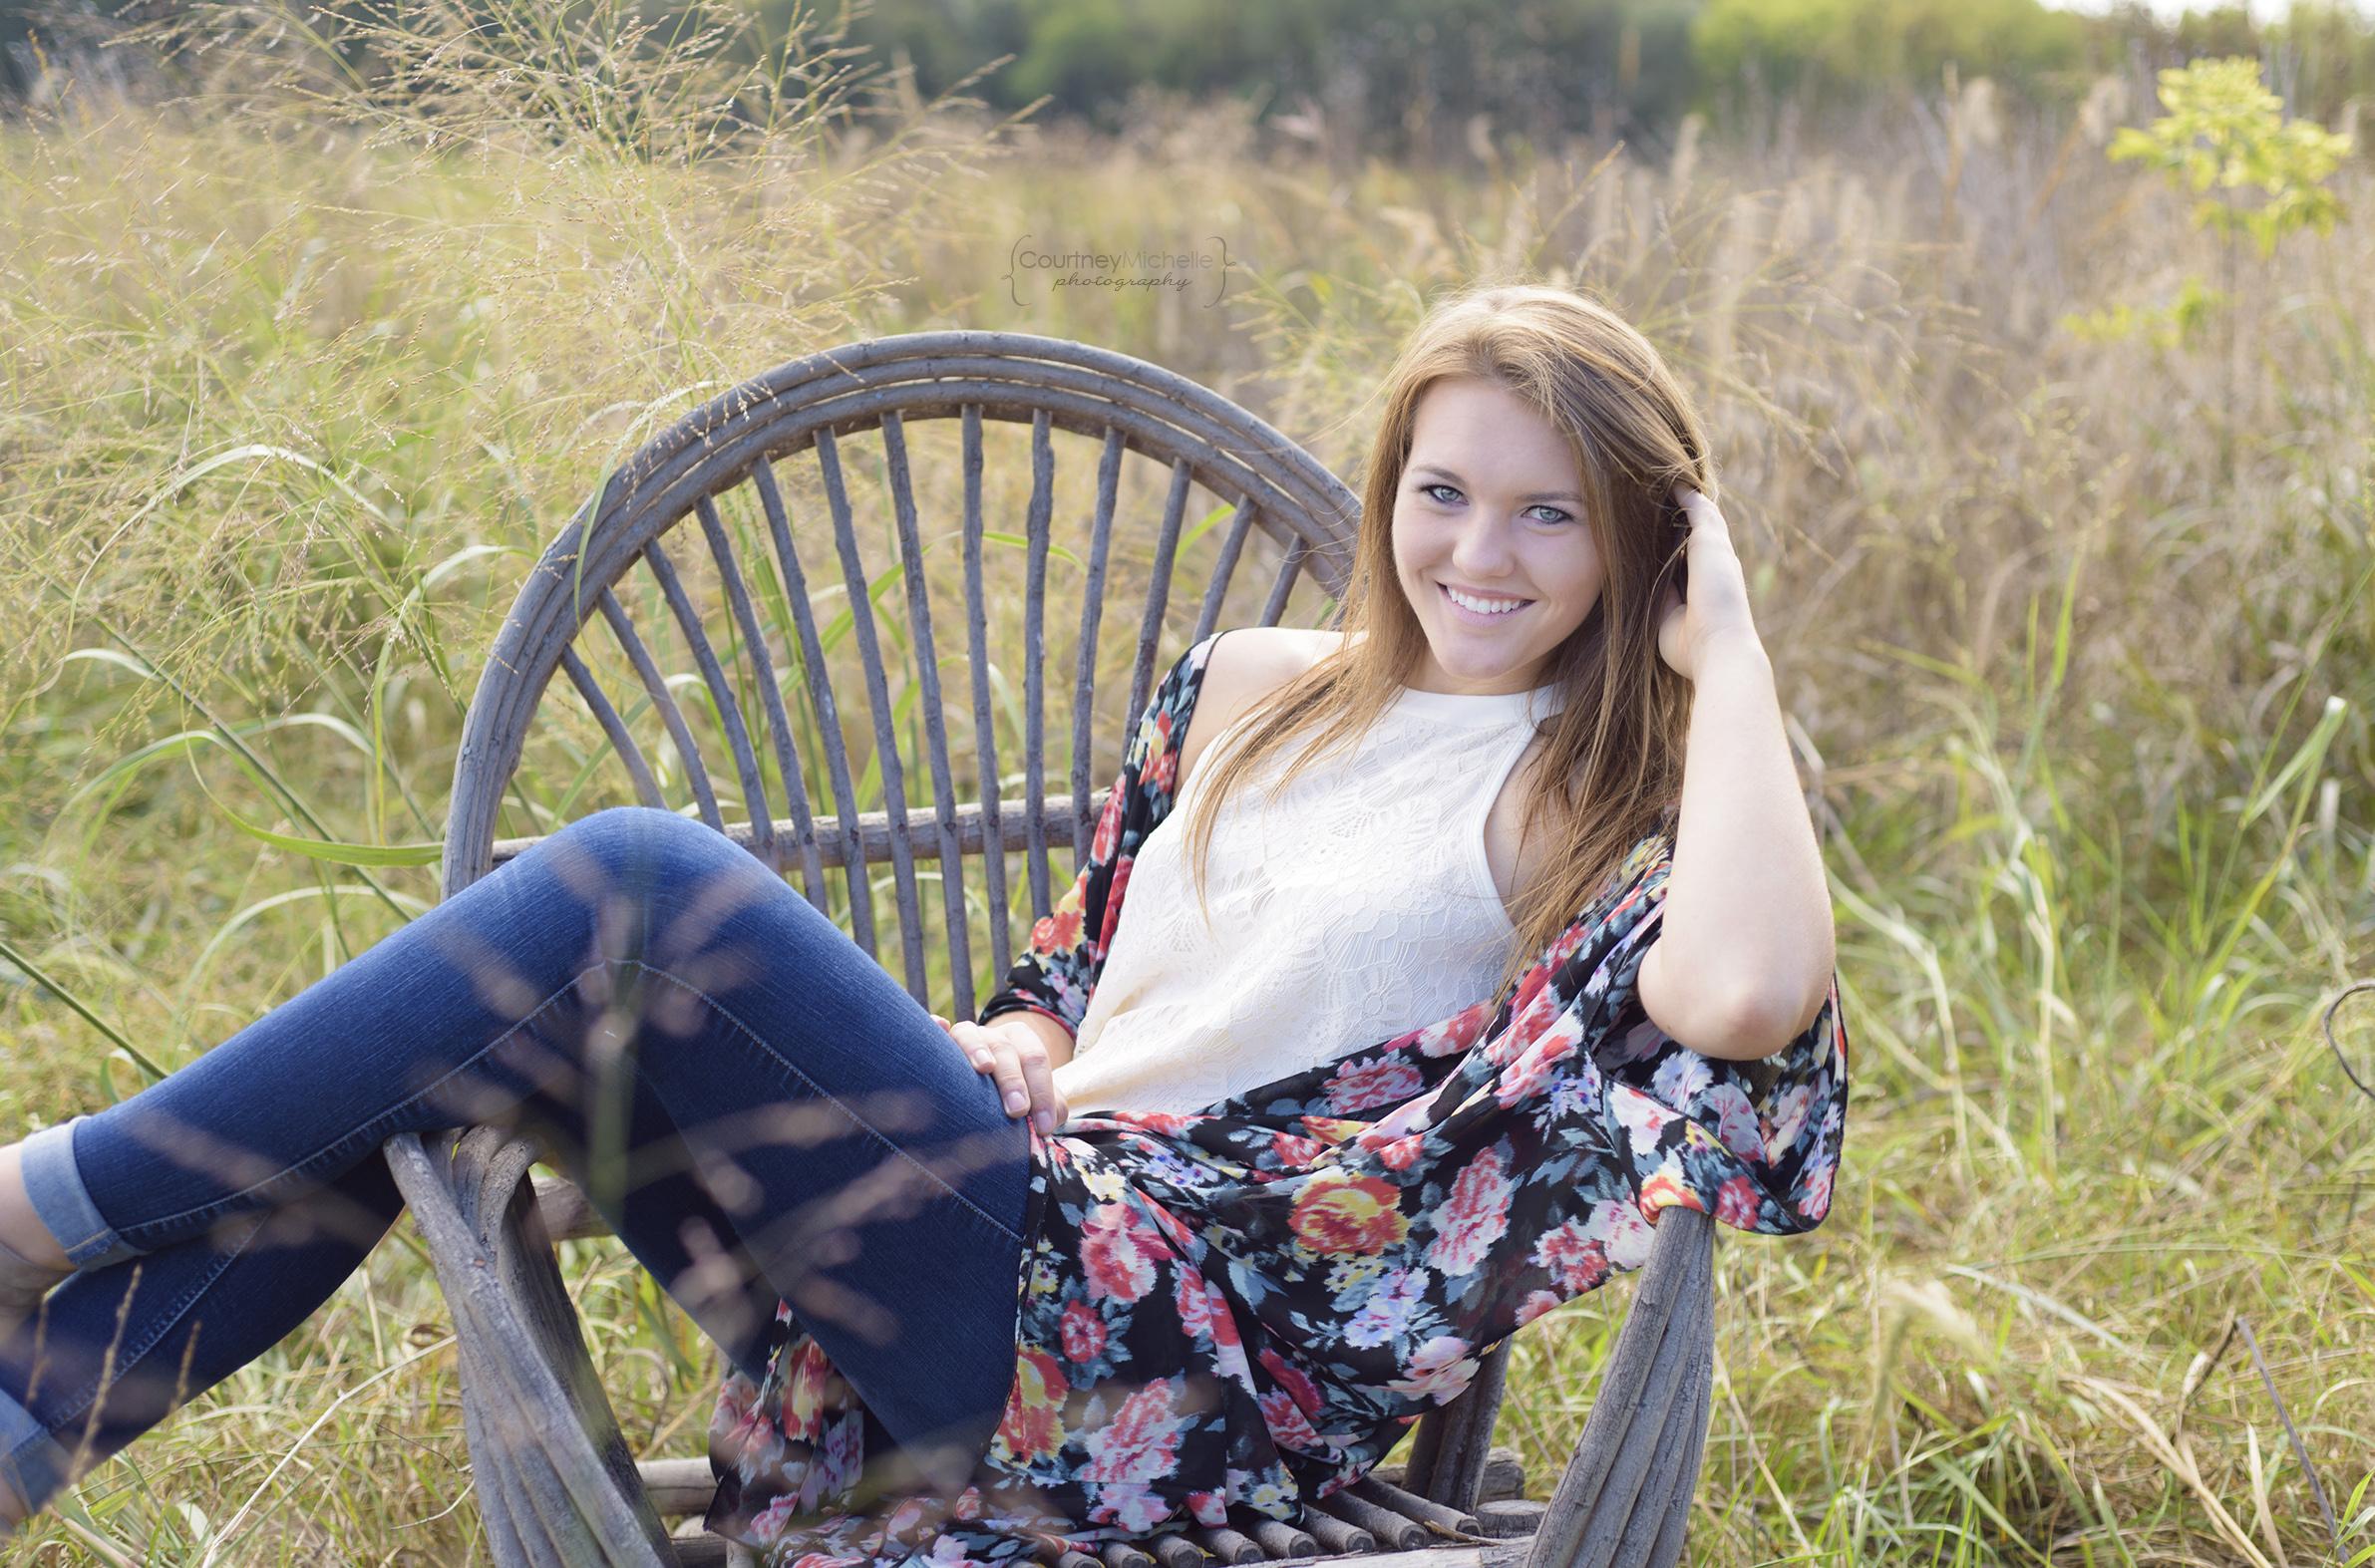 high-school-senior-in-chair-in-field-chicago-photographer-courtney-laper©COPYRIGHTCMP-9243edit.jpg